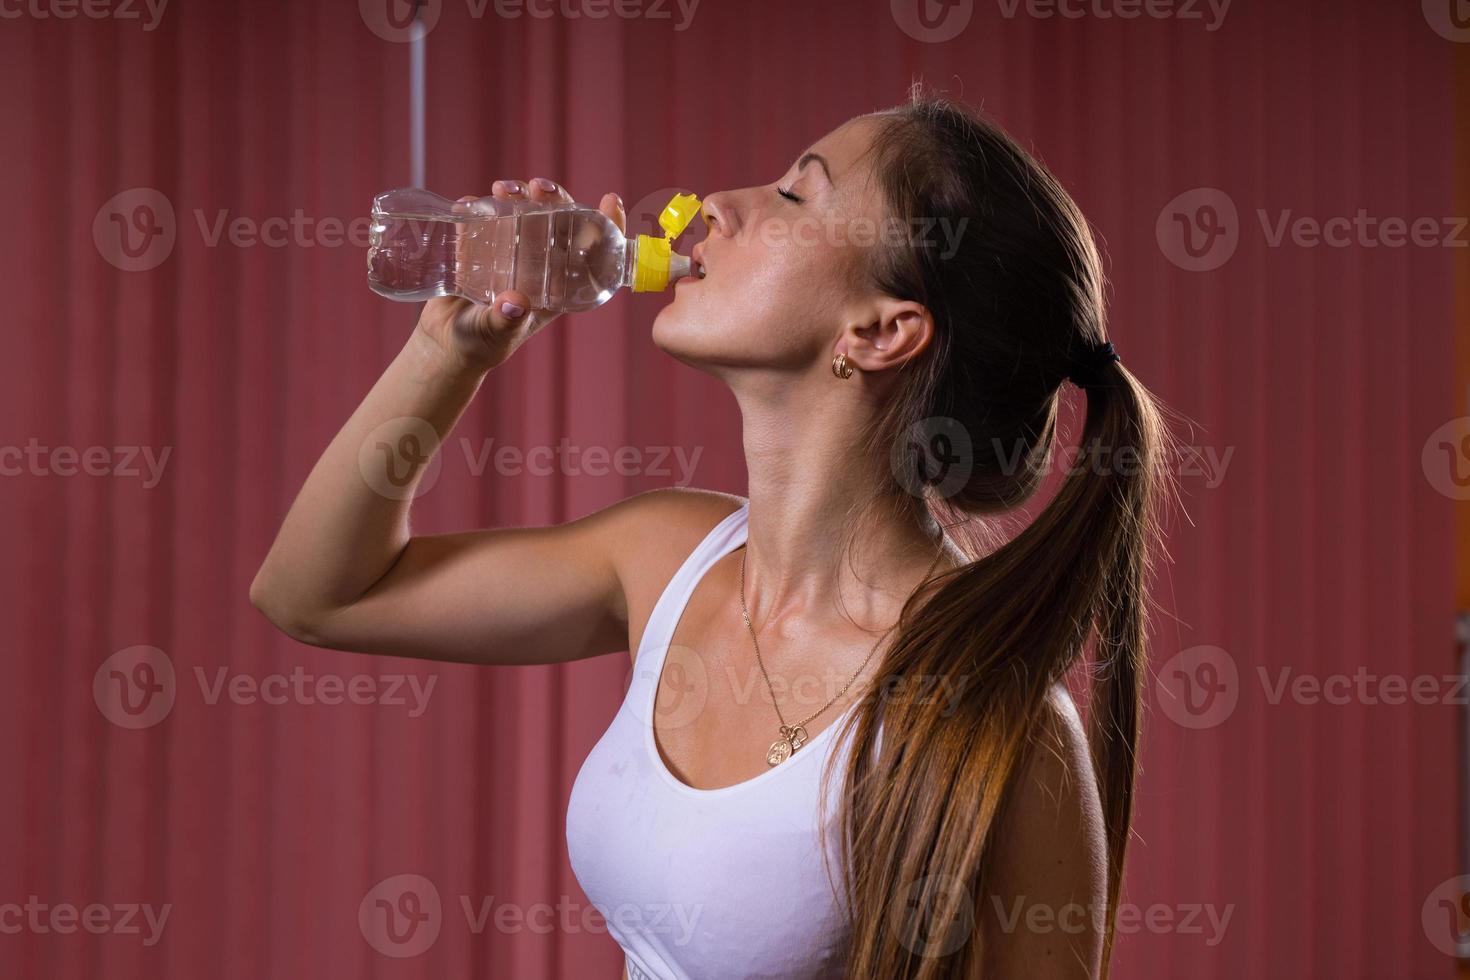 donna atletica acqua potabile sensualmente foto